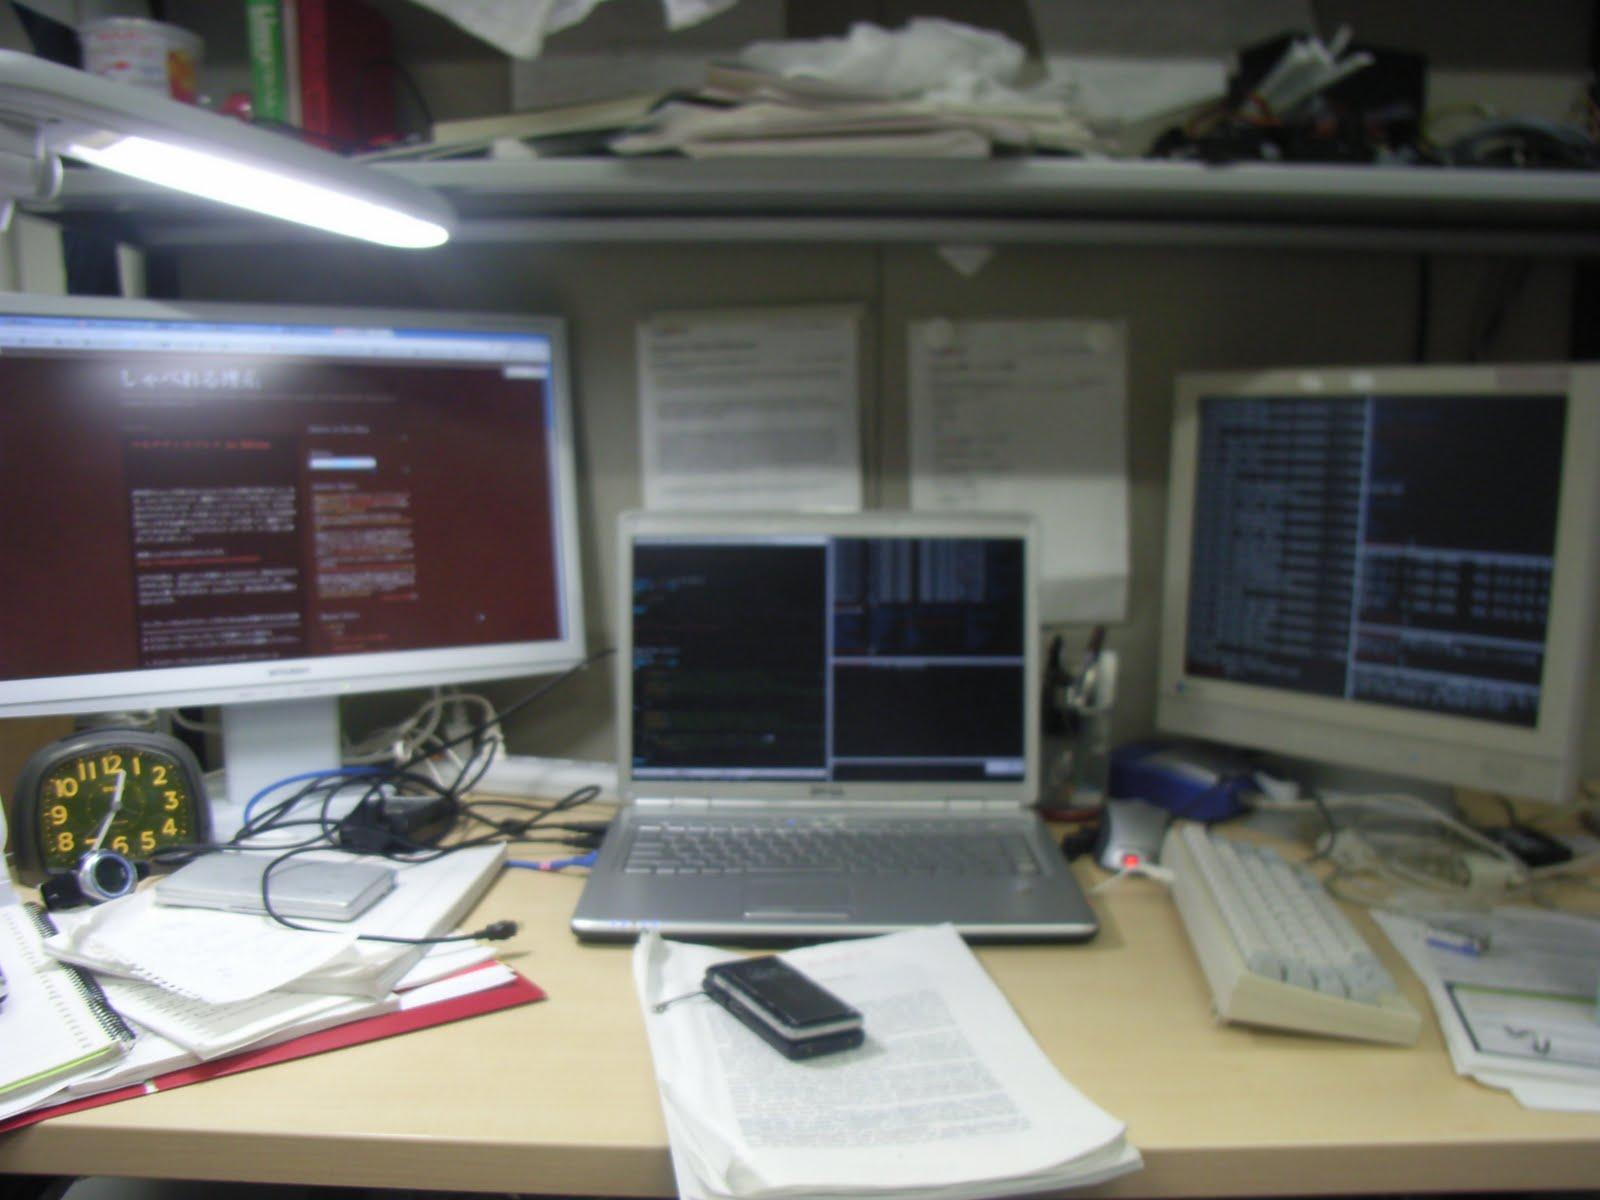 しゃべれる理系 マルチディスプレイ On Debian